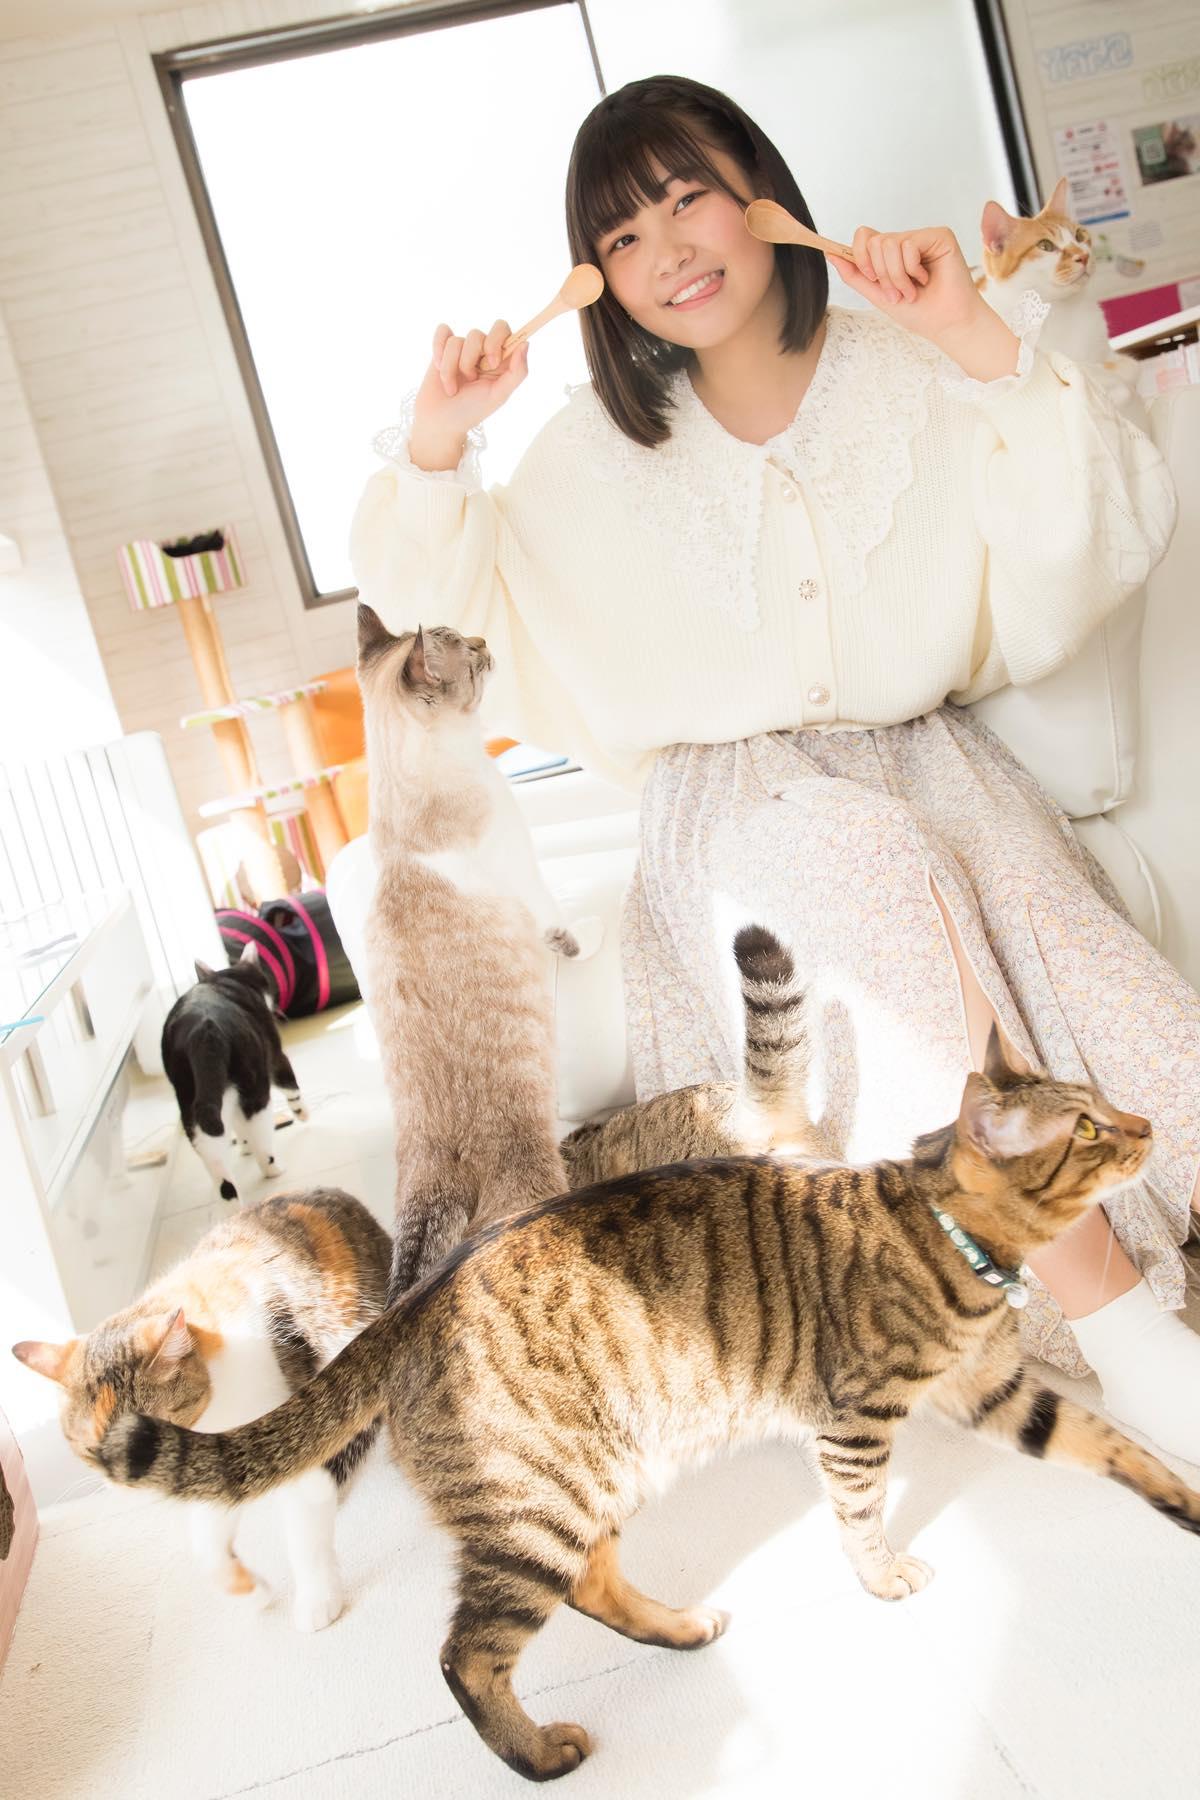 小澤愛実「猫に愛されることはできるのか」【写真48枚】【連載】ラストアイドルのすっぴん!vol.19の画像035